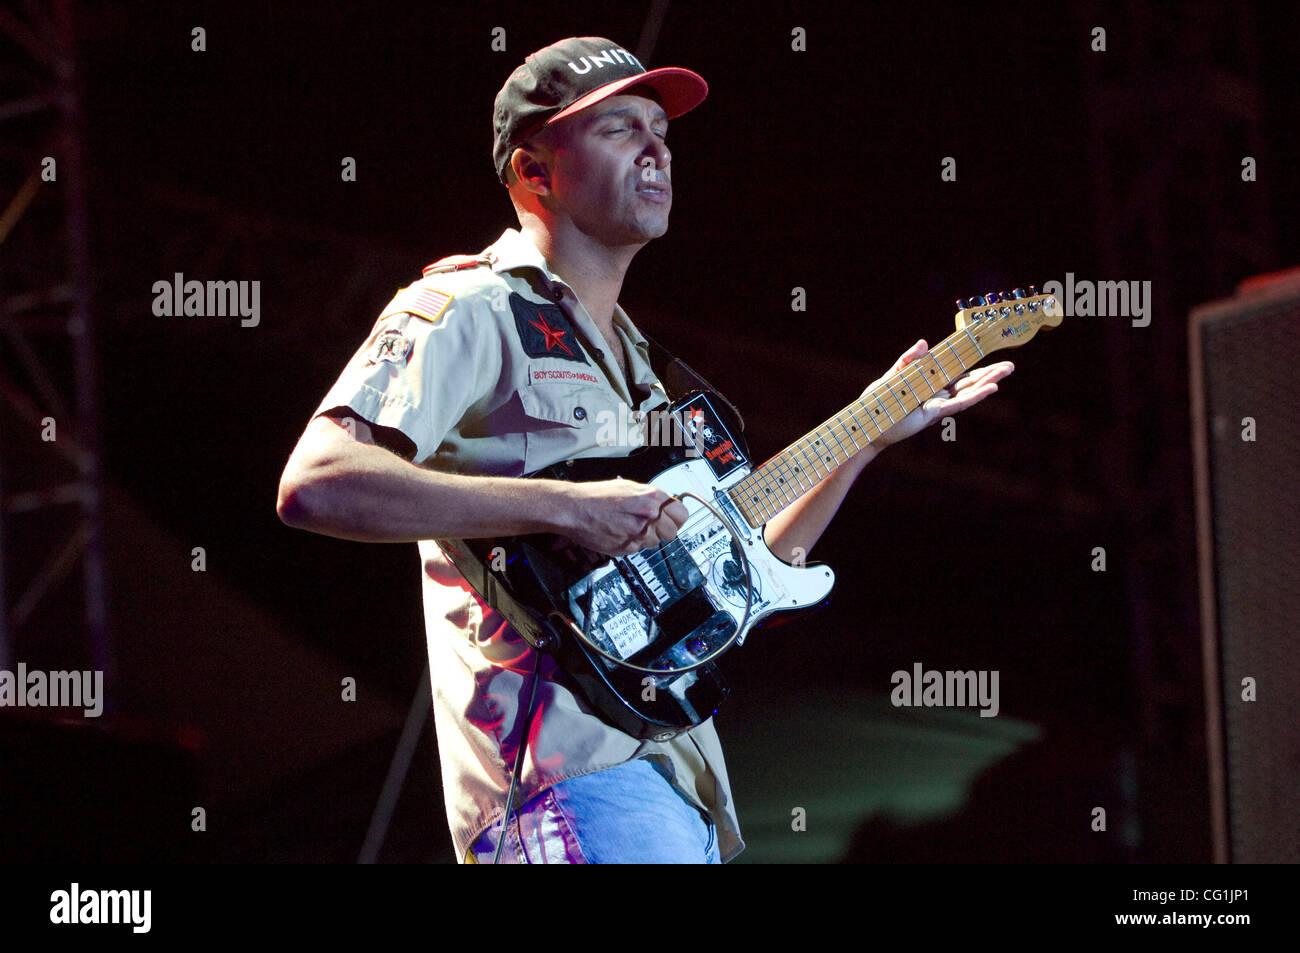 Aug 18, 2007 - San Francisco, CA, USA - Le guitariste Tom Morello de garnitures de Rage Against The Machine live Banque D'Images